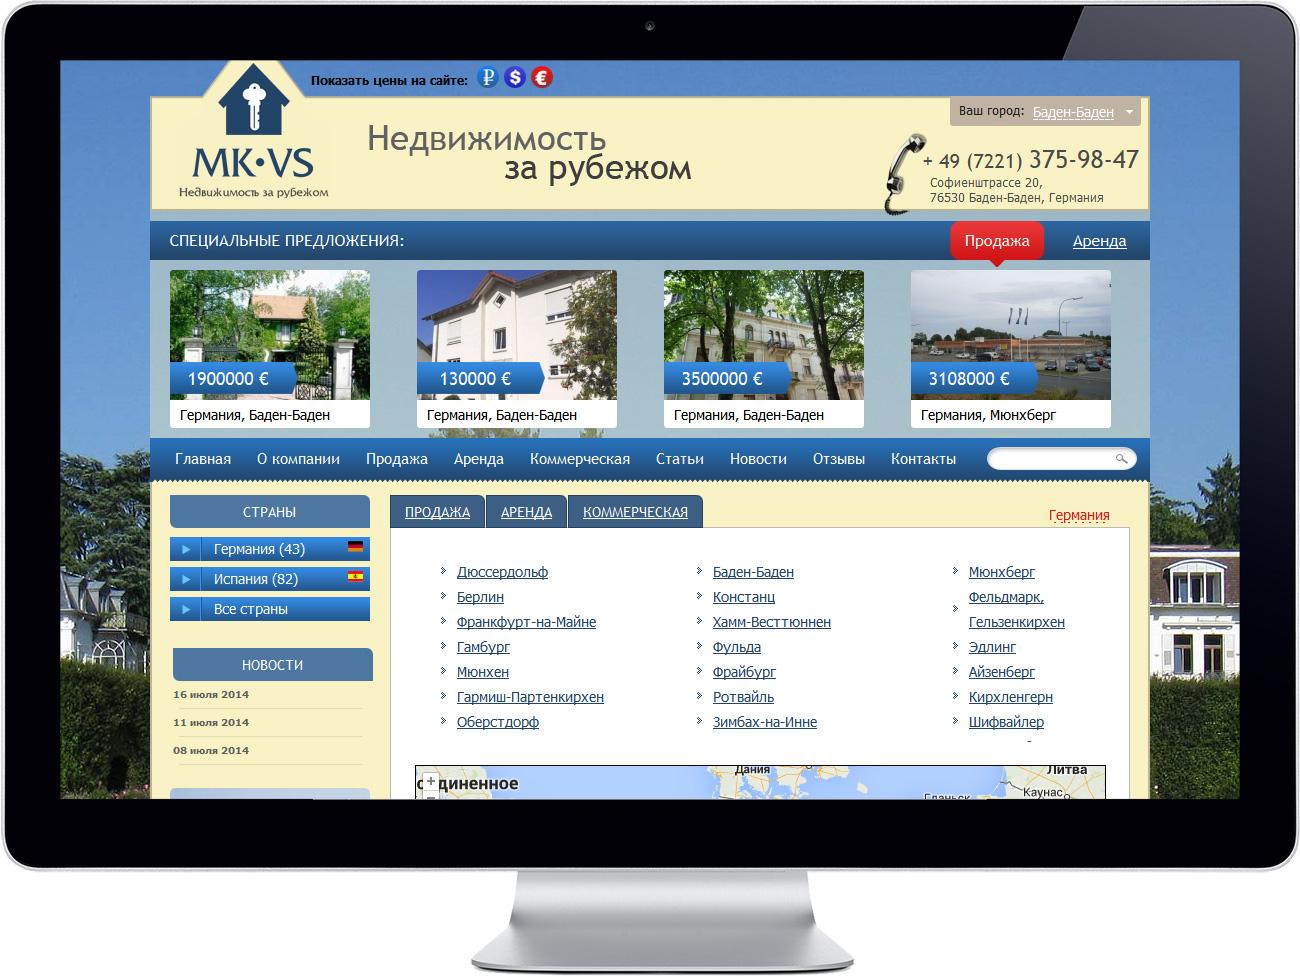 Разработка сайта по поиску недвижимости за рубежом